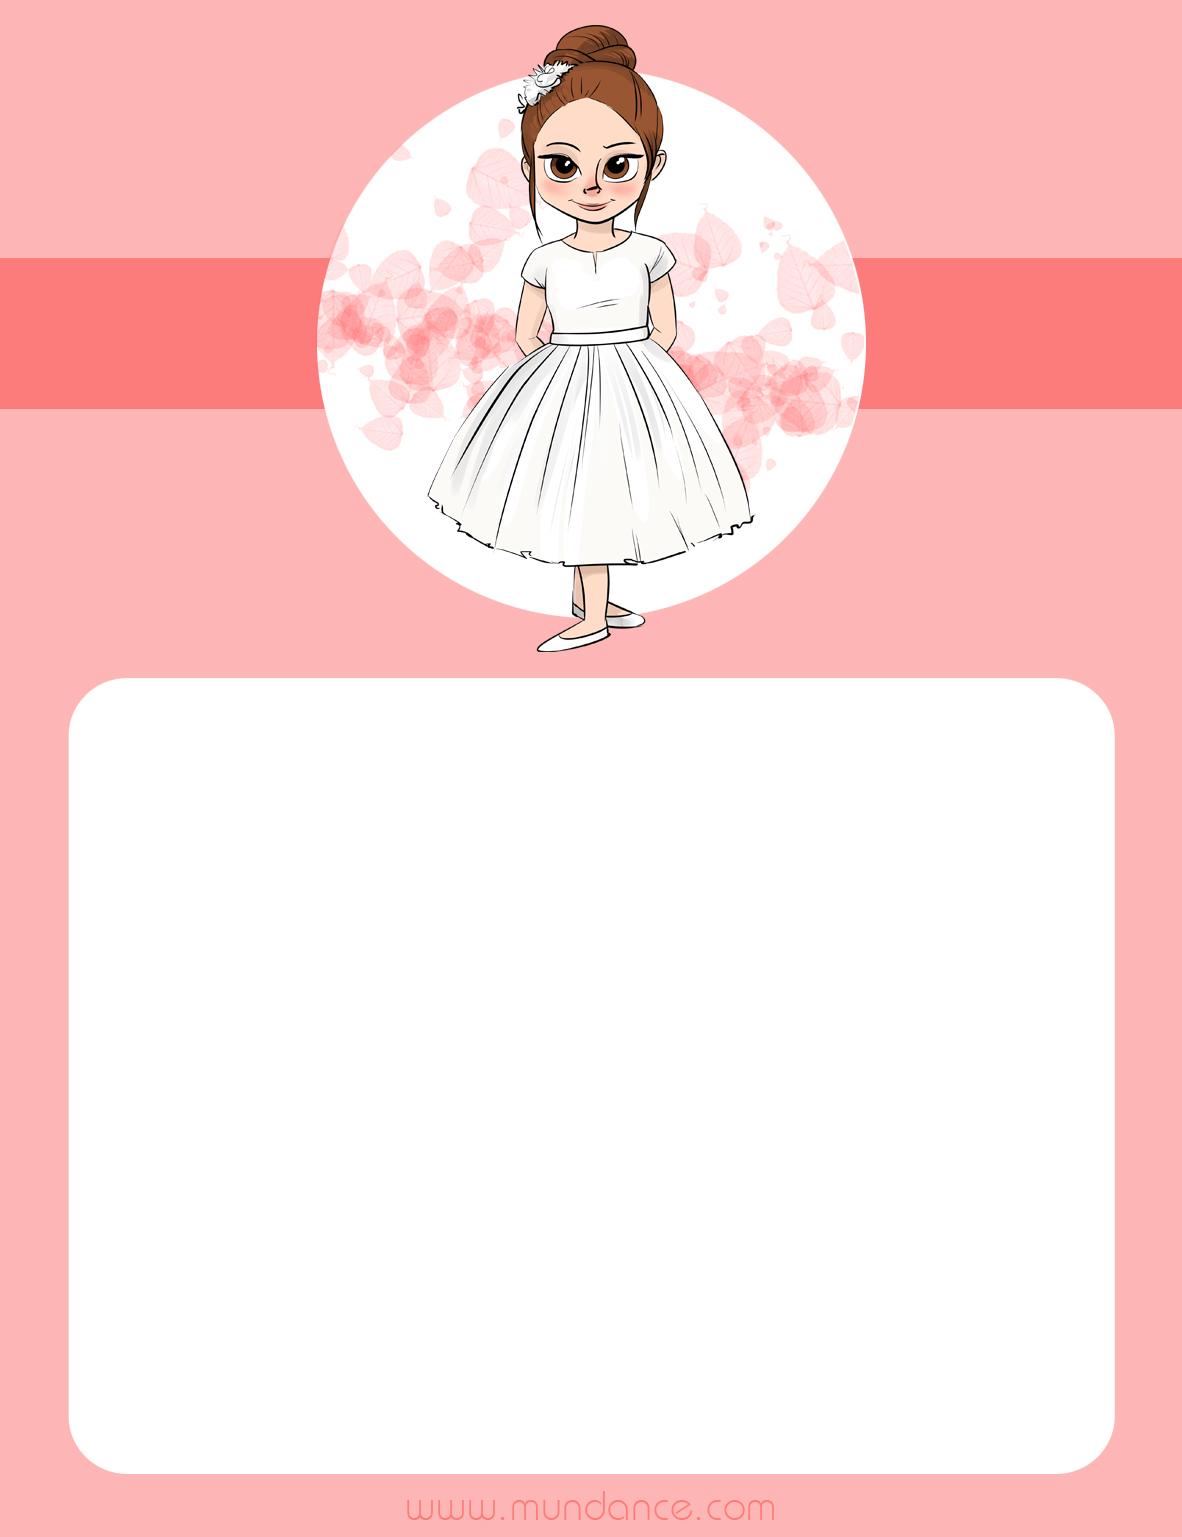 Plantillas para tu fiesta de comuni n mundance el - Hacer tarjetas de comunion ...